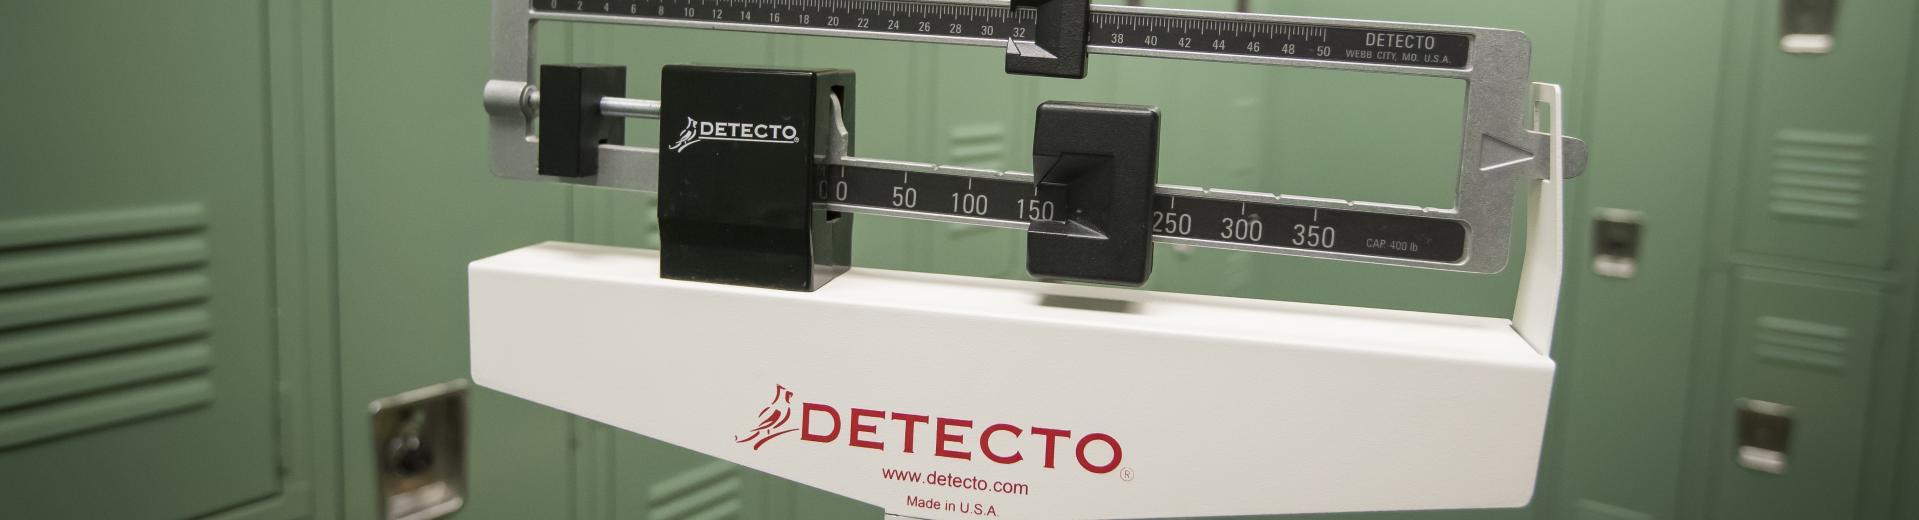 scale in a locker room